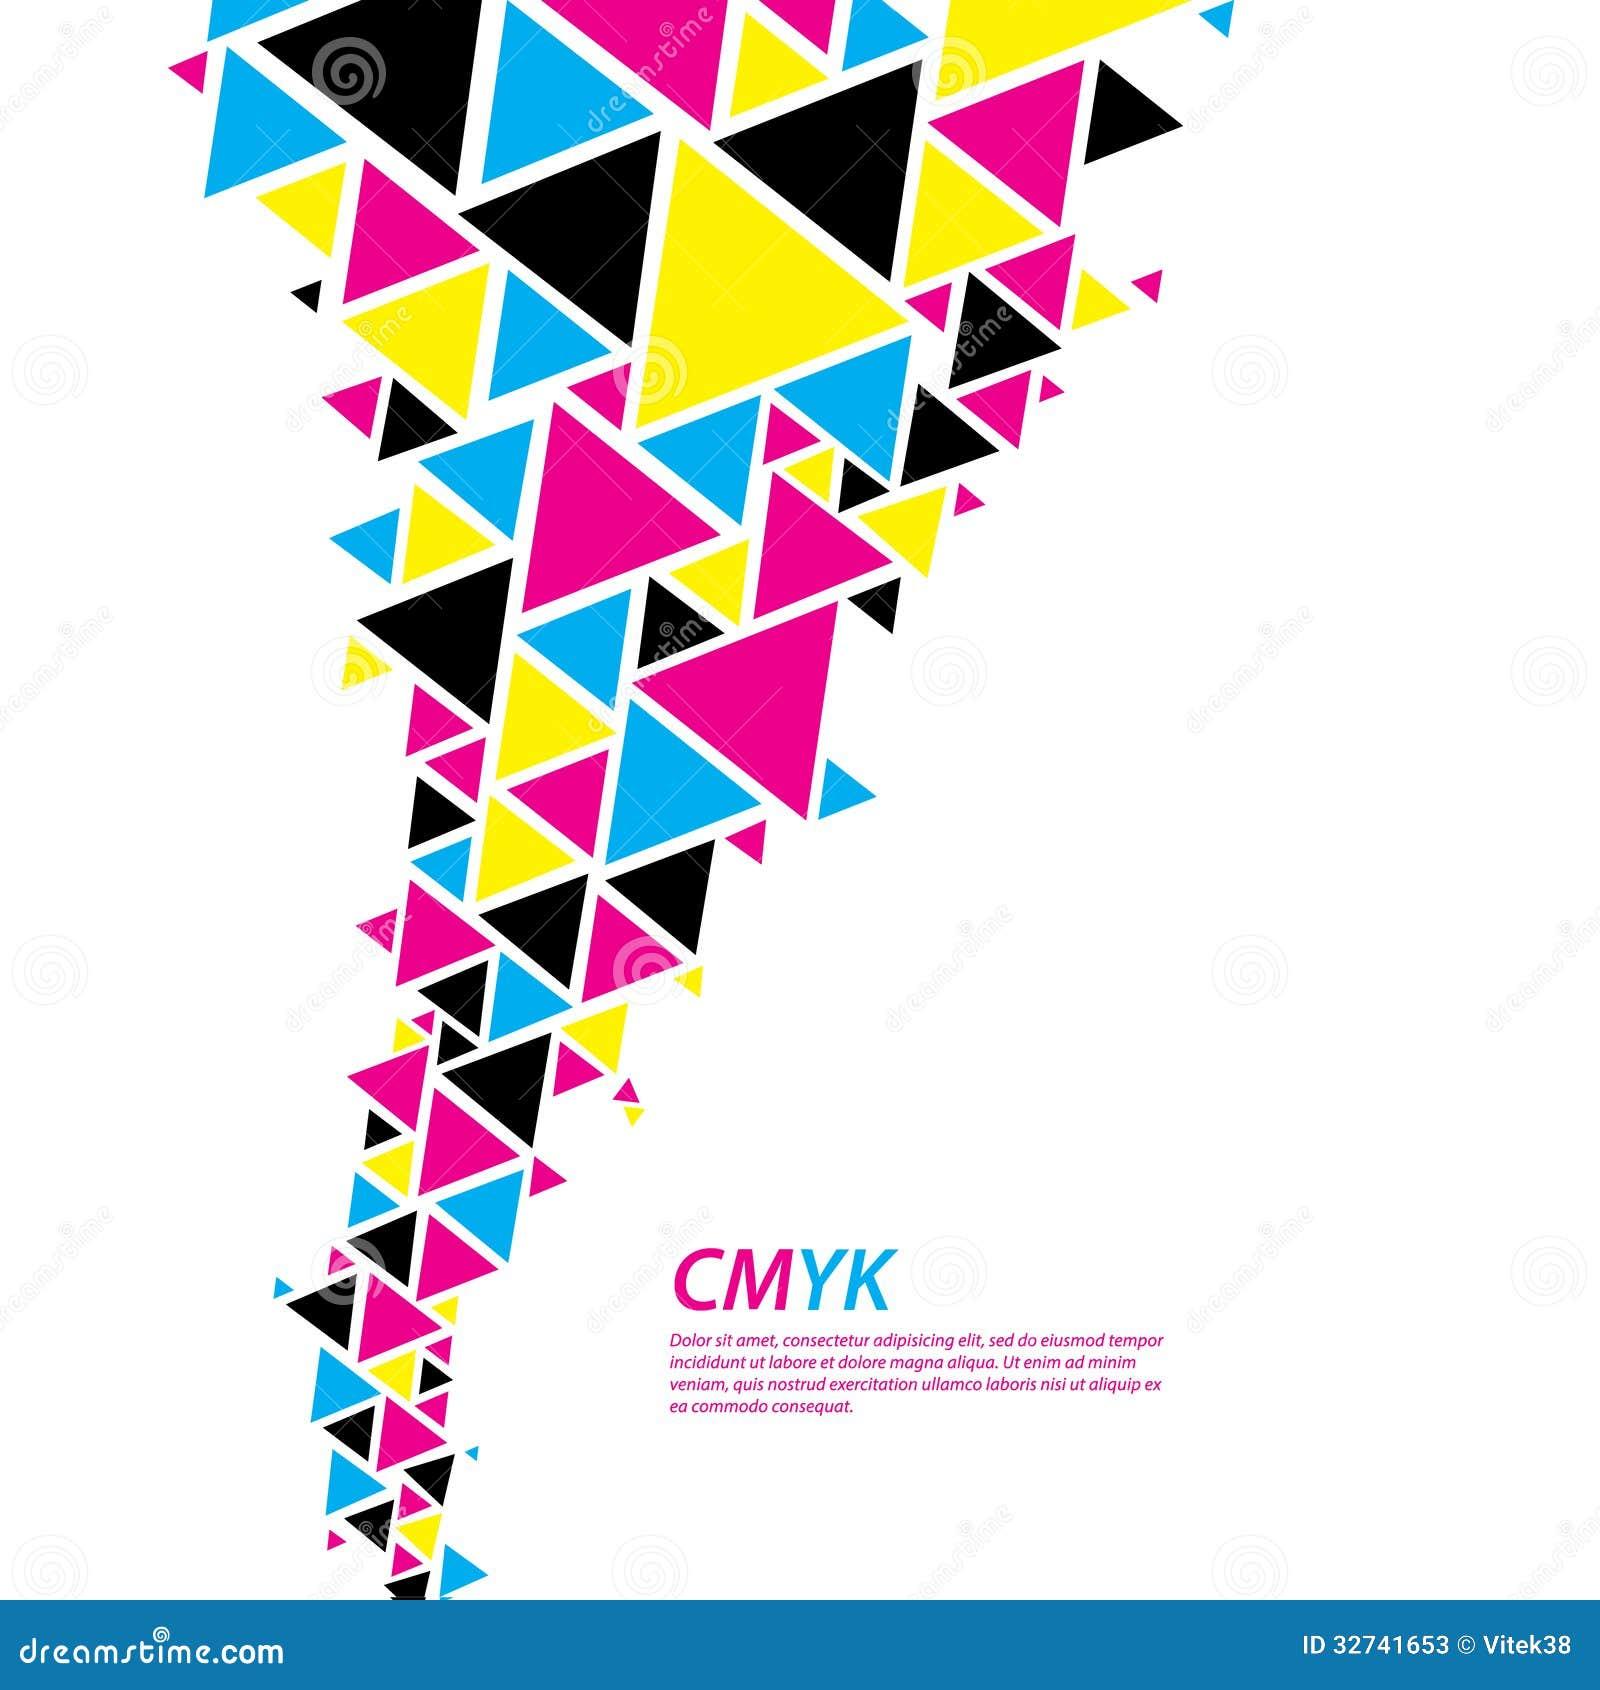 Σχεδιάγραμμα χρώματος CMYK. Αφηρημένη ροή τριγώνων - δυσκολοπρόφερτη λέξη στο συνταγματάρχη cmyk